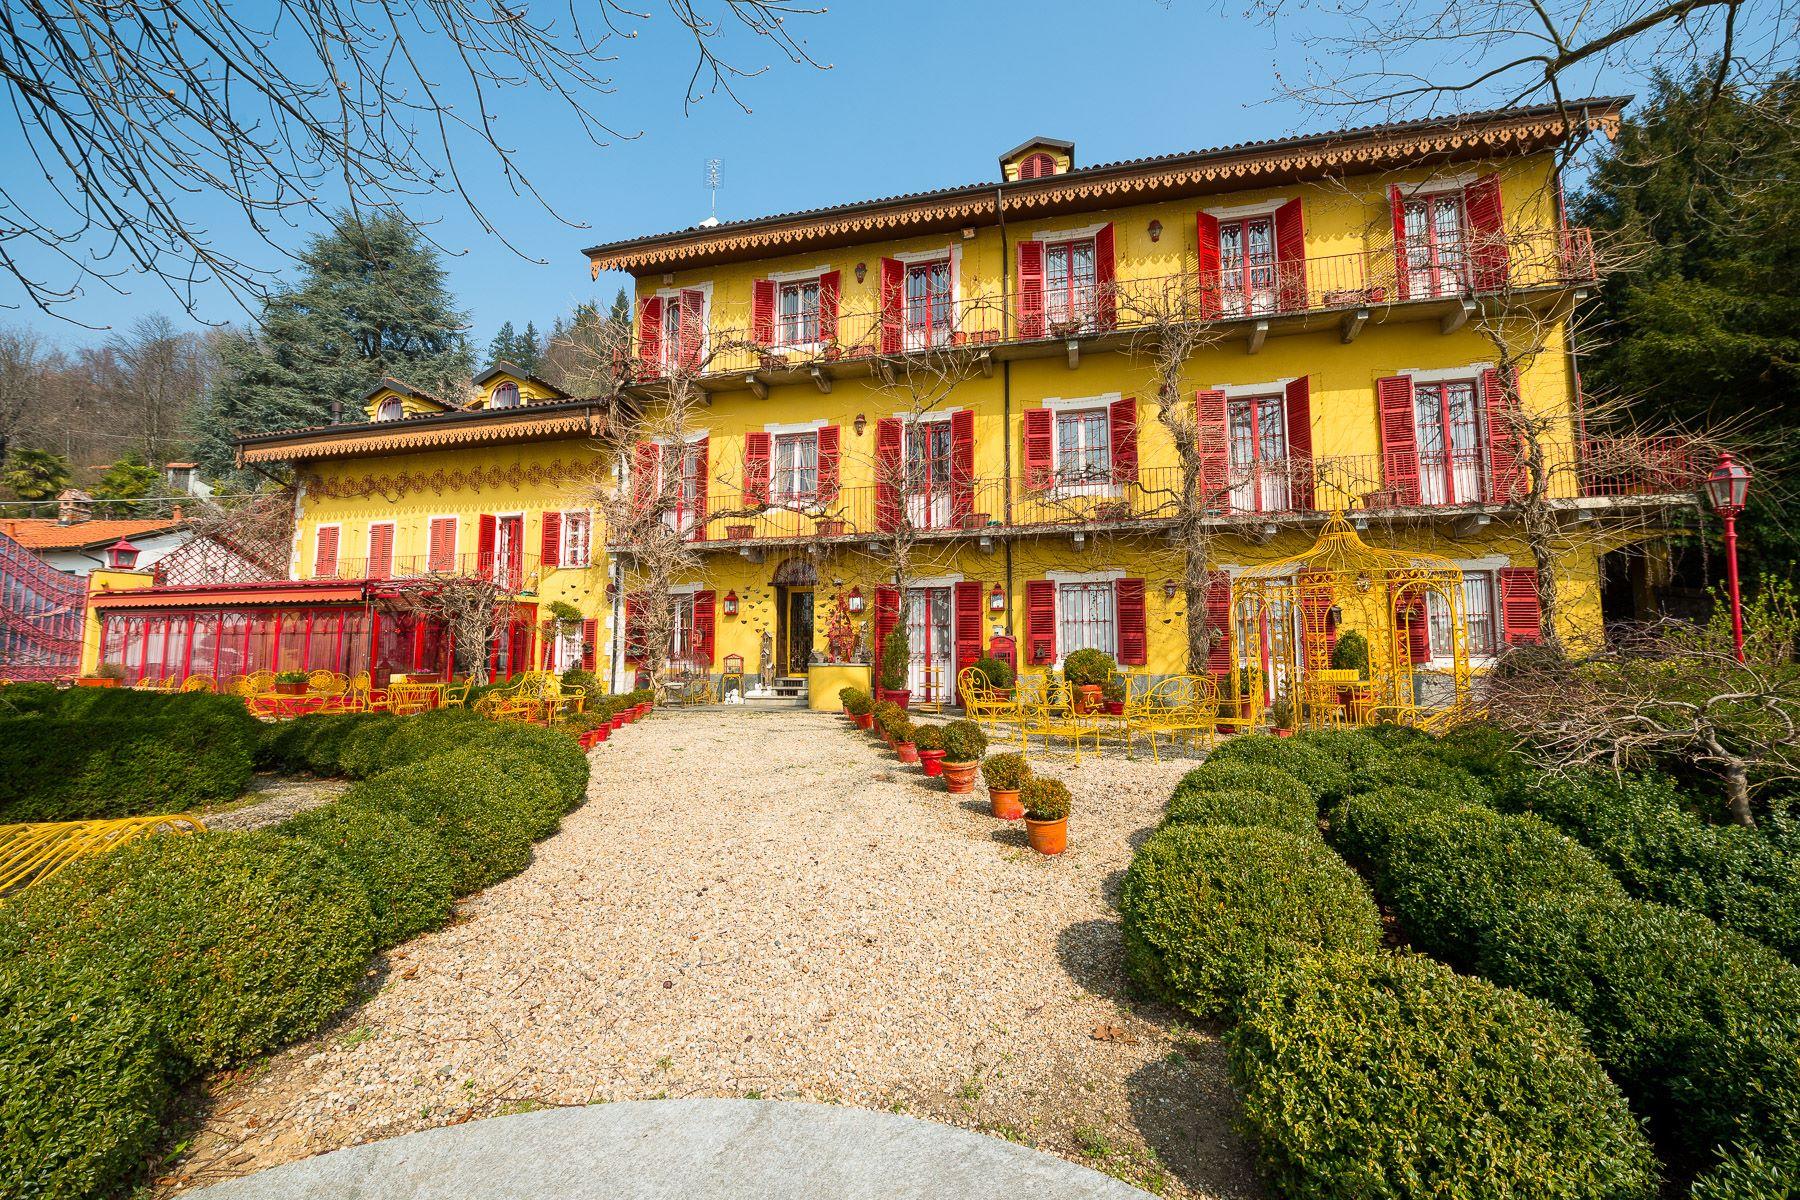 Single Family Home for Sale at Charming villa overlooking the Hill of Superga Strada Vicinale Della Funicolare Di Soperga Torino, Turin 10132 Italy